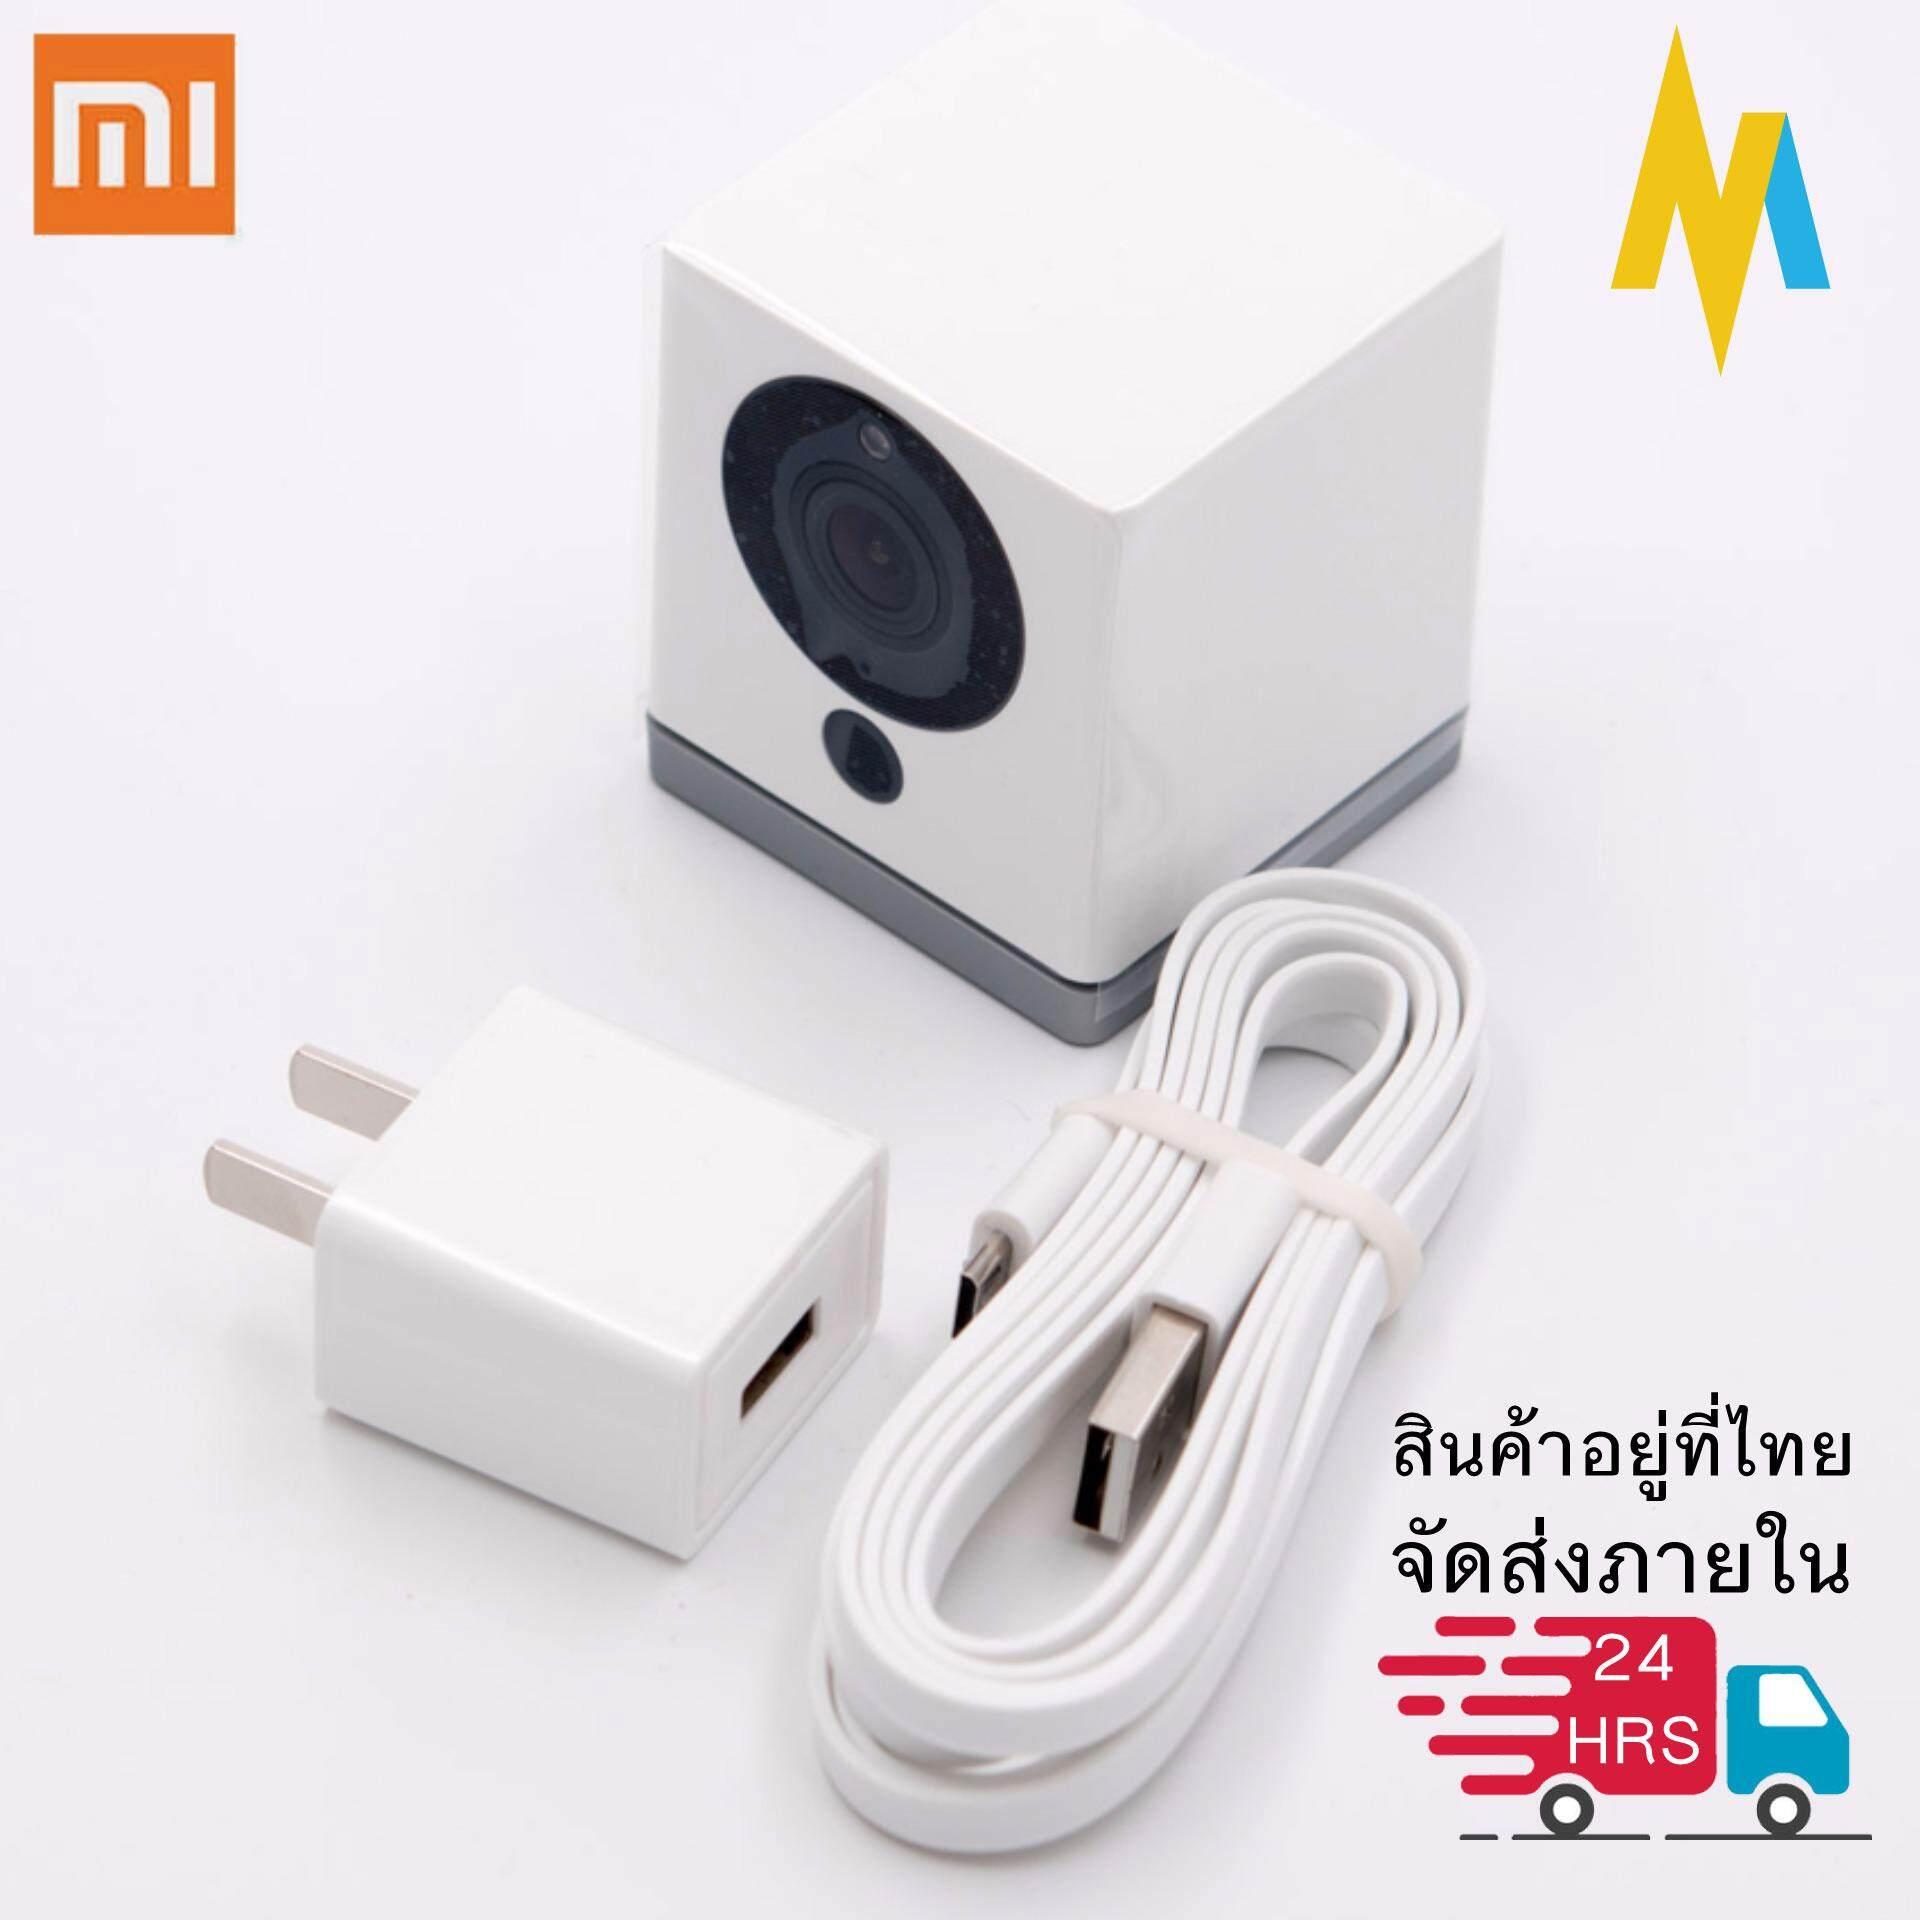 กล้องวงจรปิดไร้สาย Xiaomi Mi Square 1080p ดูผ่านมือถือทุกที่ทั่วโลก ชัดทั้งกลางวันกลางคืน By Nestmotion.